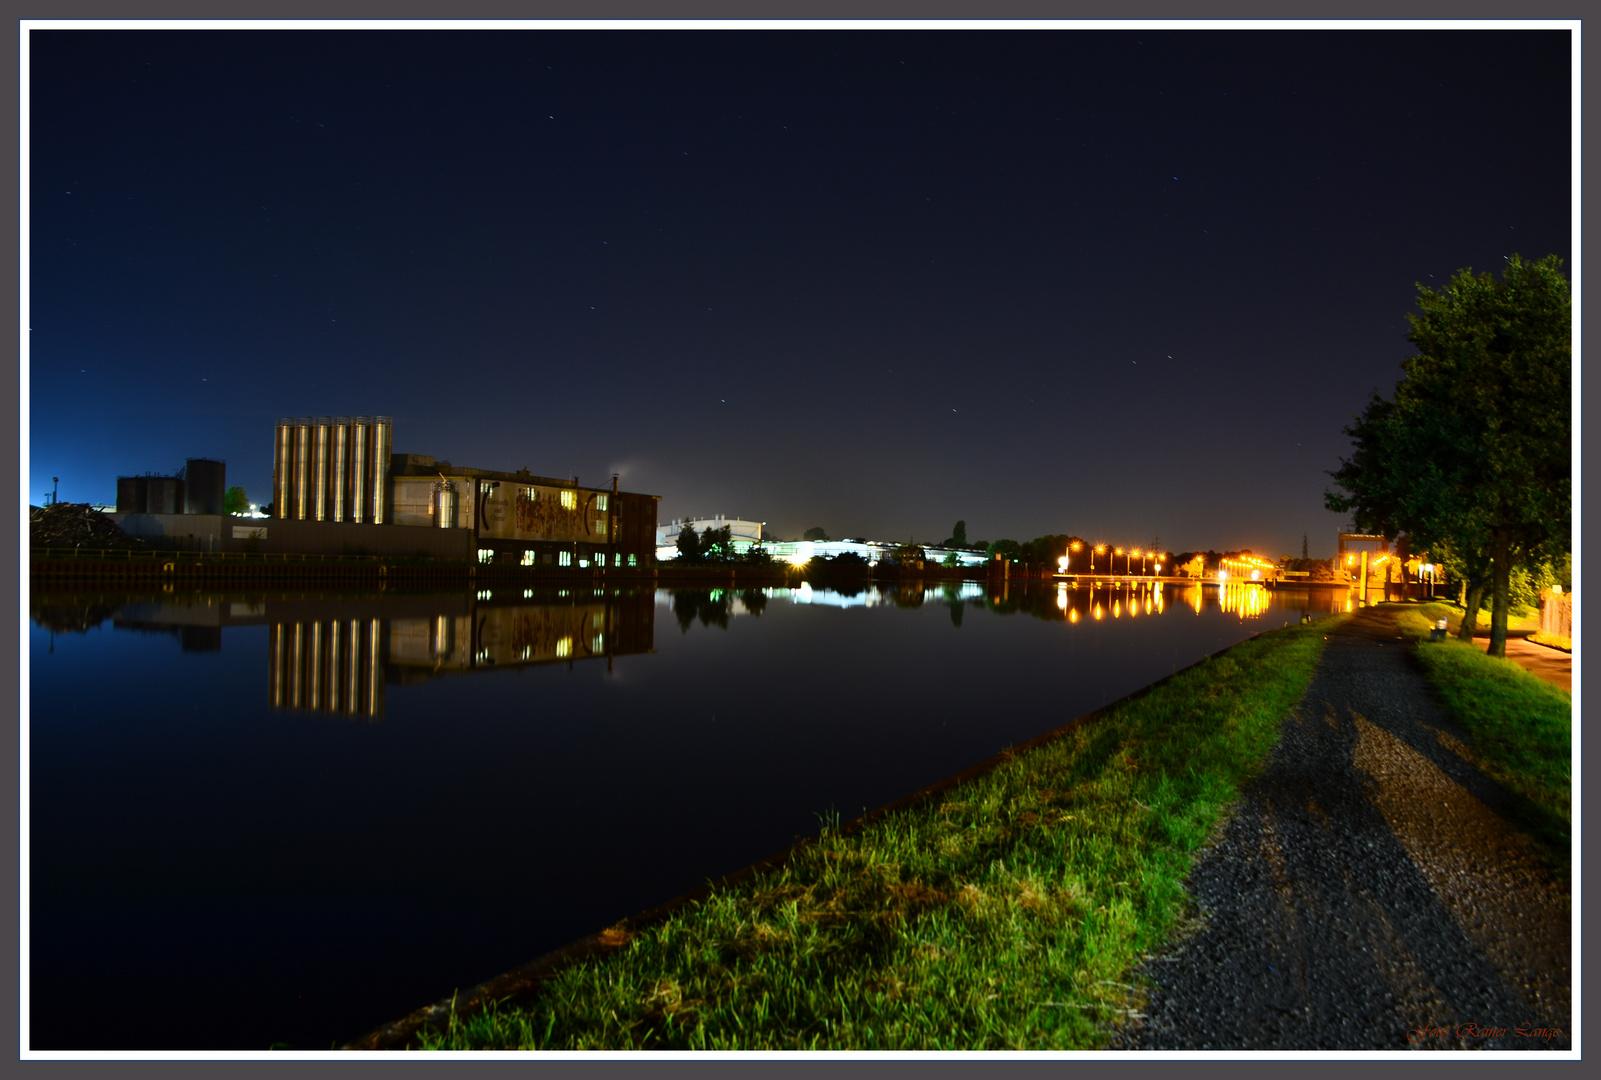 ~~~~** NRW Nacht 2013 **~~~~